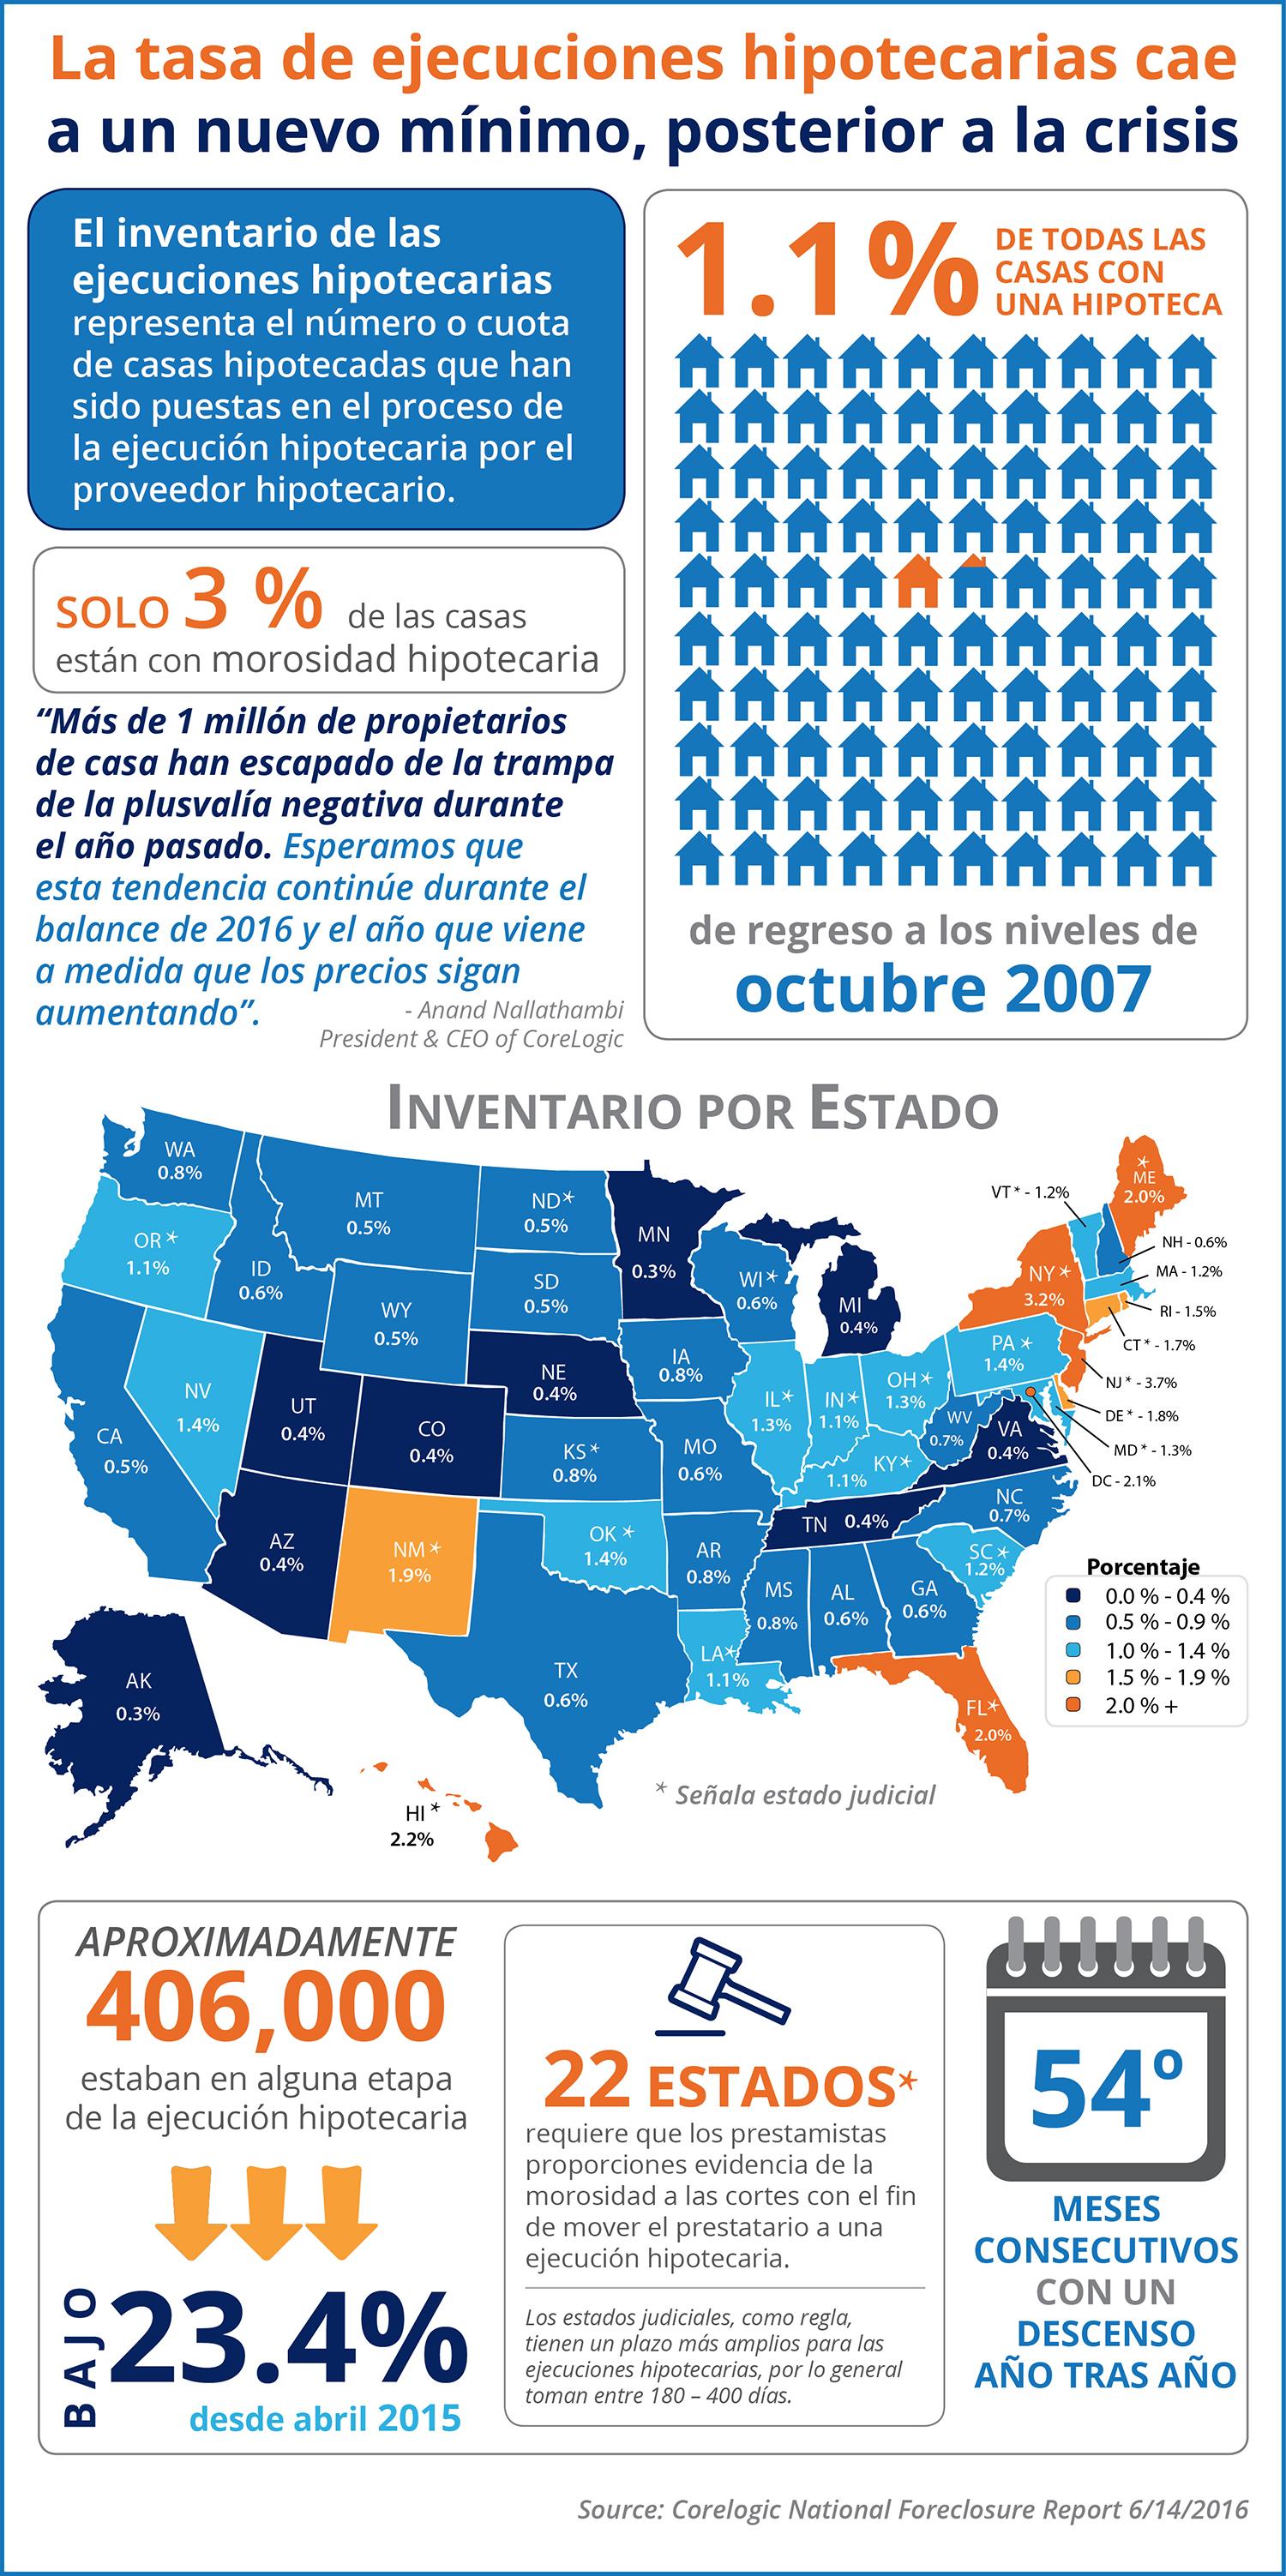 La tasa de ejecuciones hipotecarias cae a un nuevo mínimo, posterior a la crisis [infografía] | Simplifying The Market